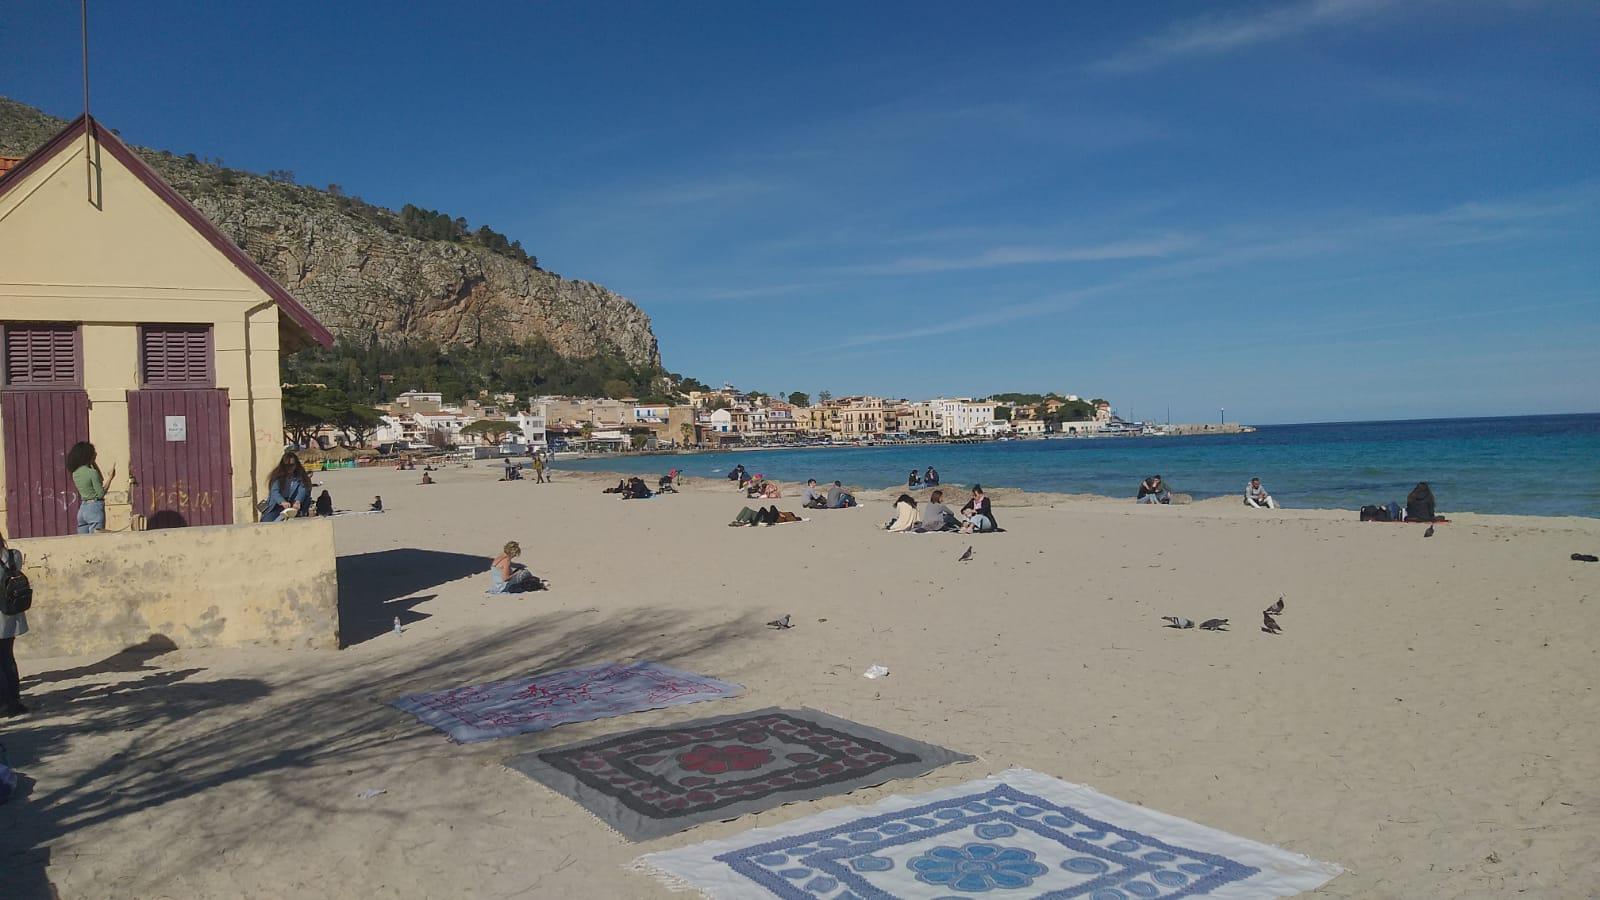 """Sicilia zona arancione, si """"festeggia"""" scappando a mare: piccola parentesi di felicità per respirare un po' di normalità"""